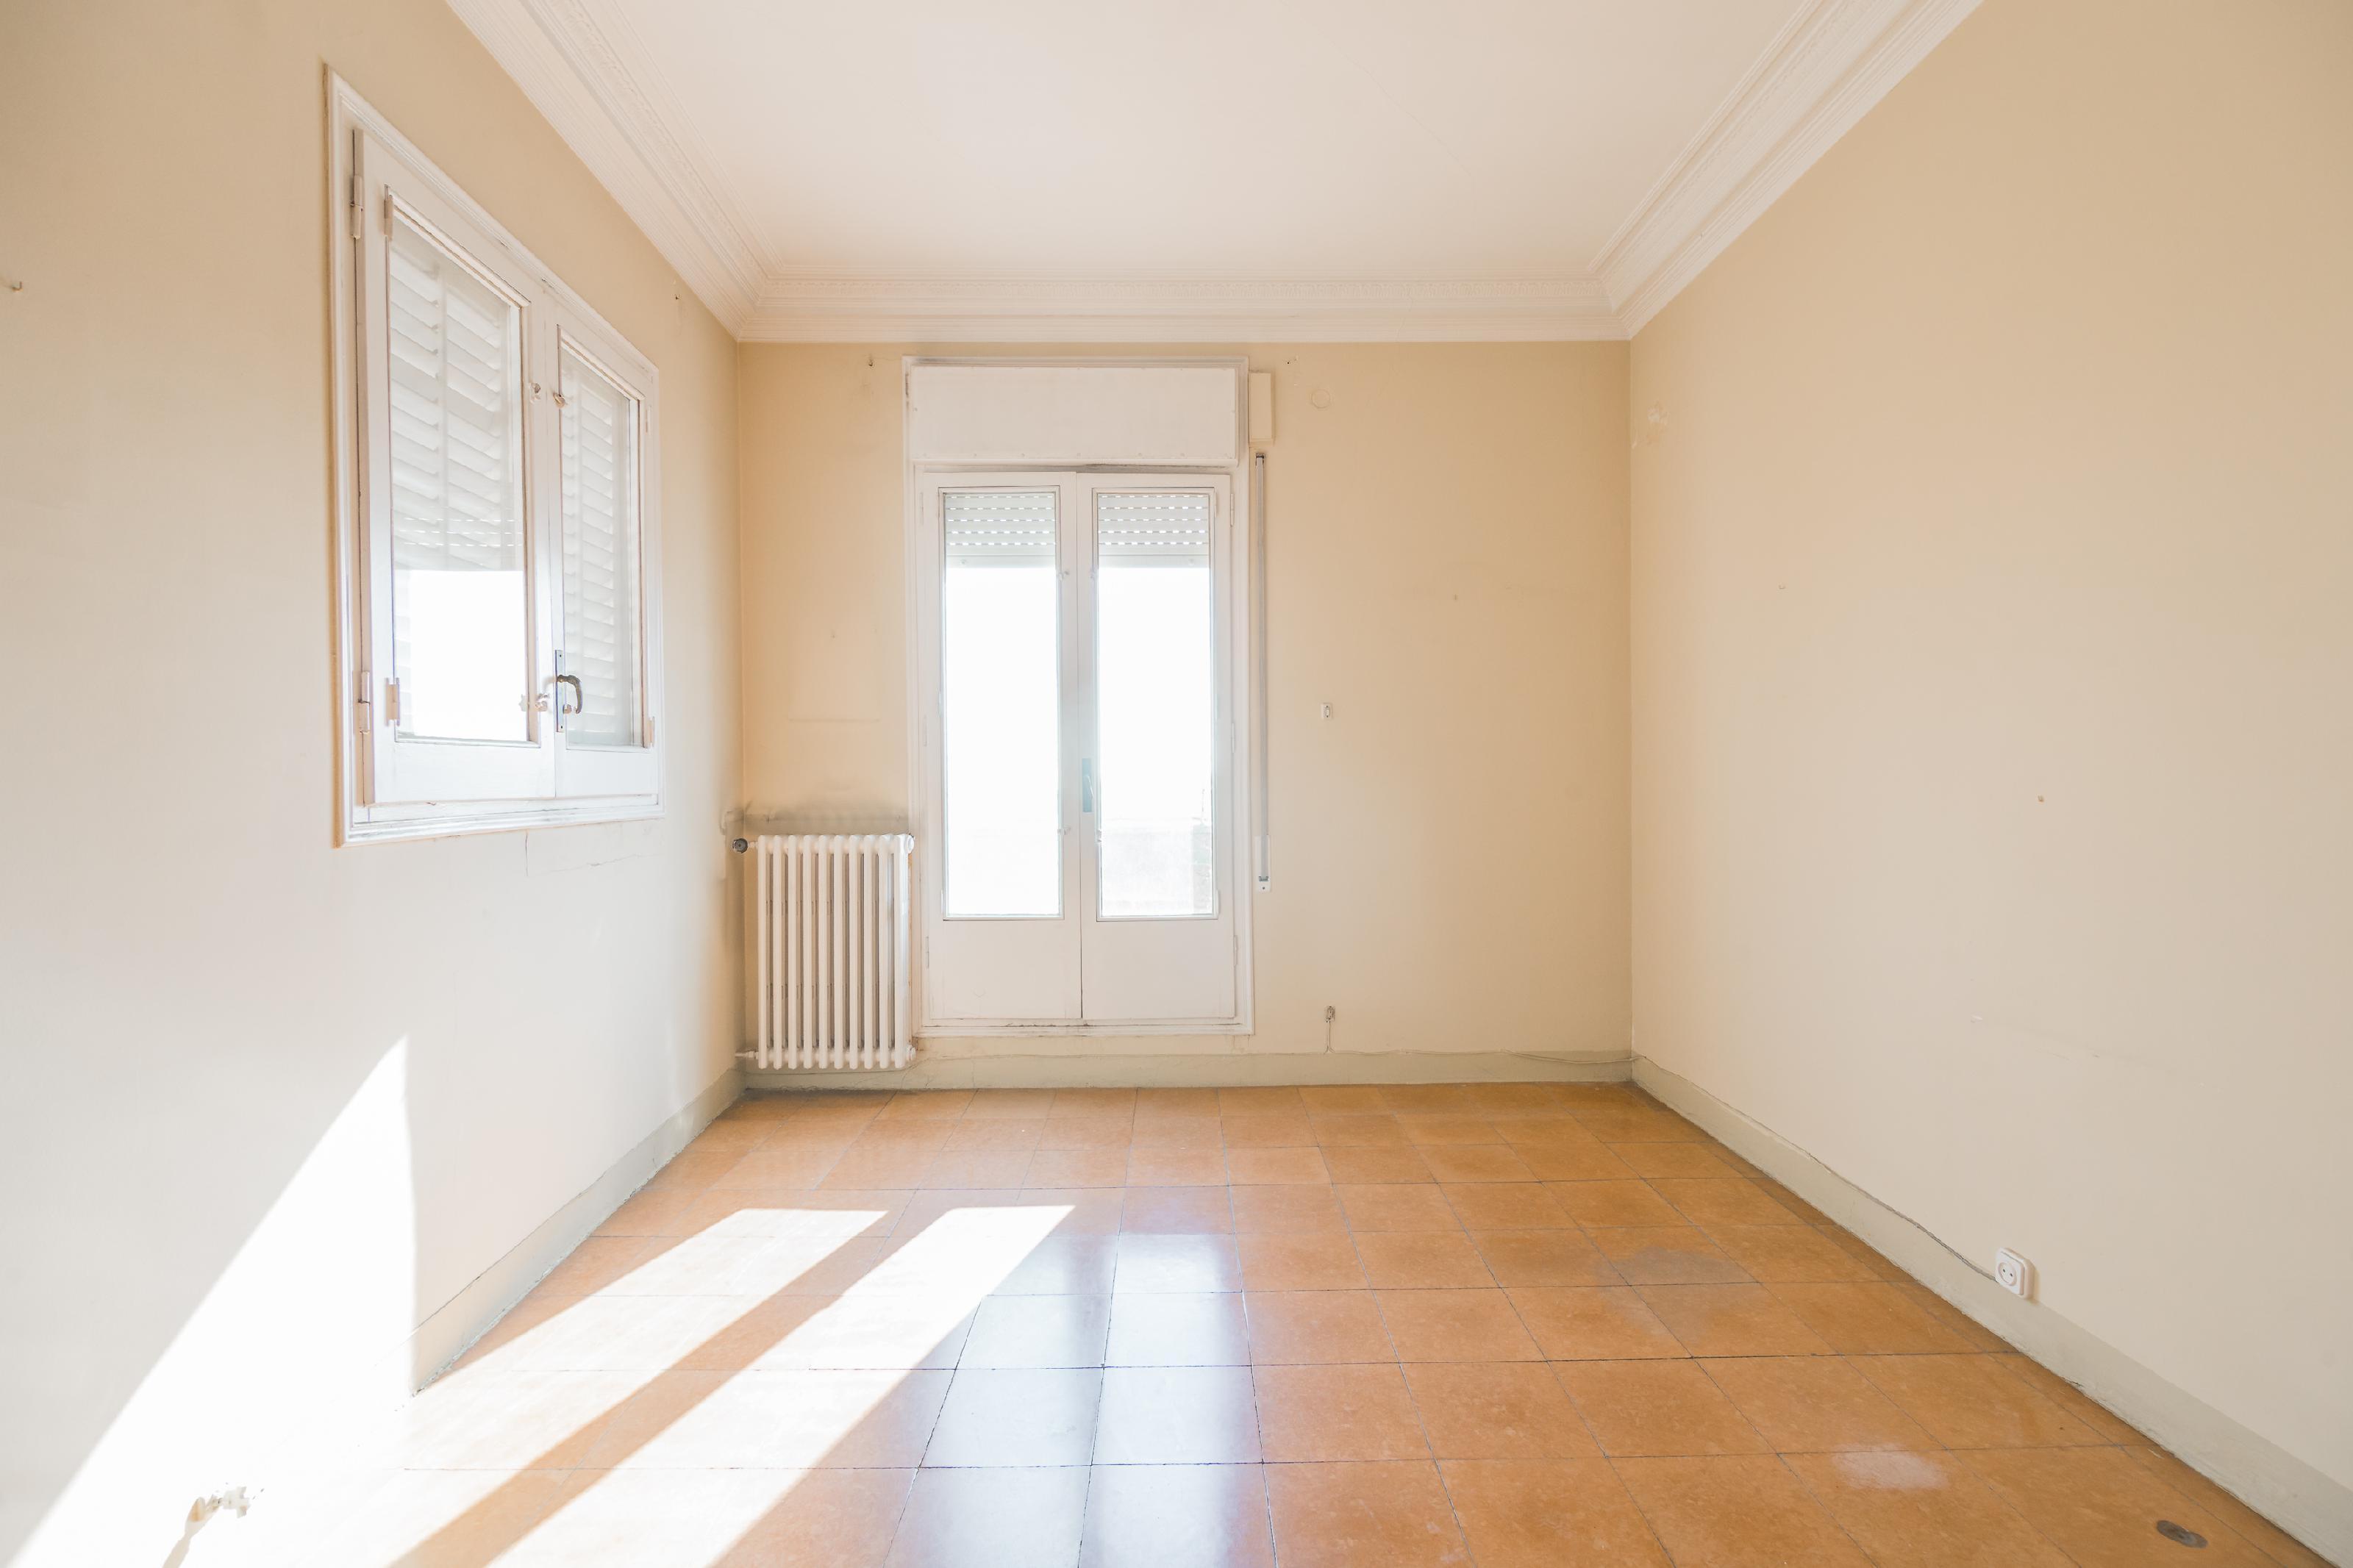 246643 Penthouse for sale in Sarrià-Sant Gervasi, St. Gervasi-Bonanova 38